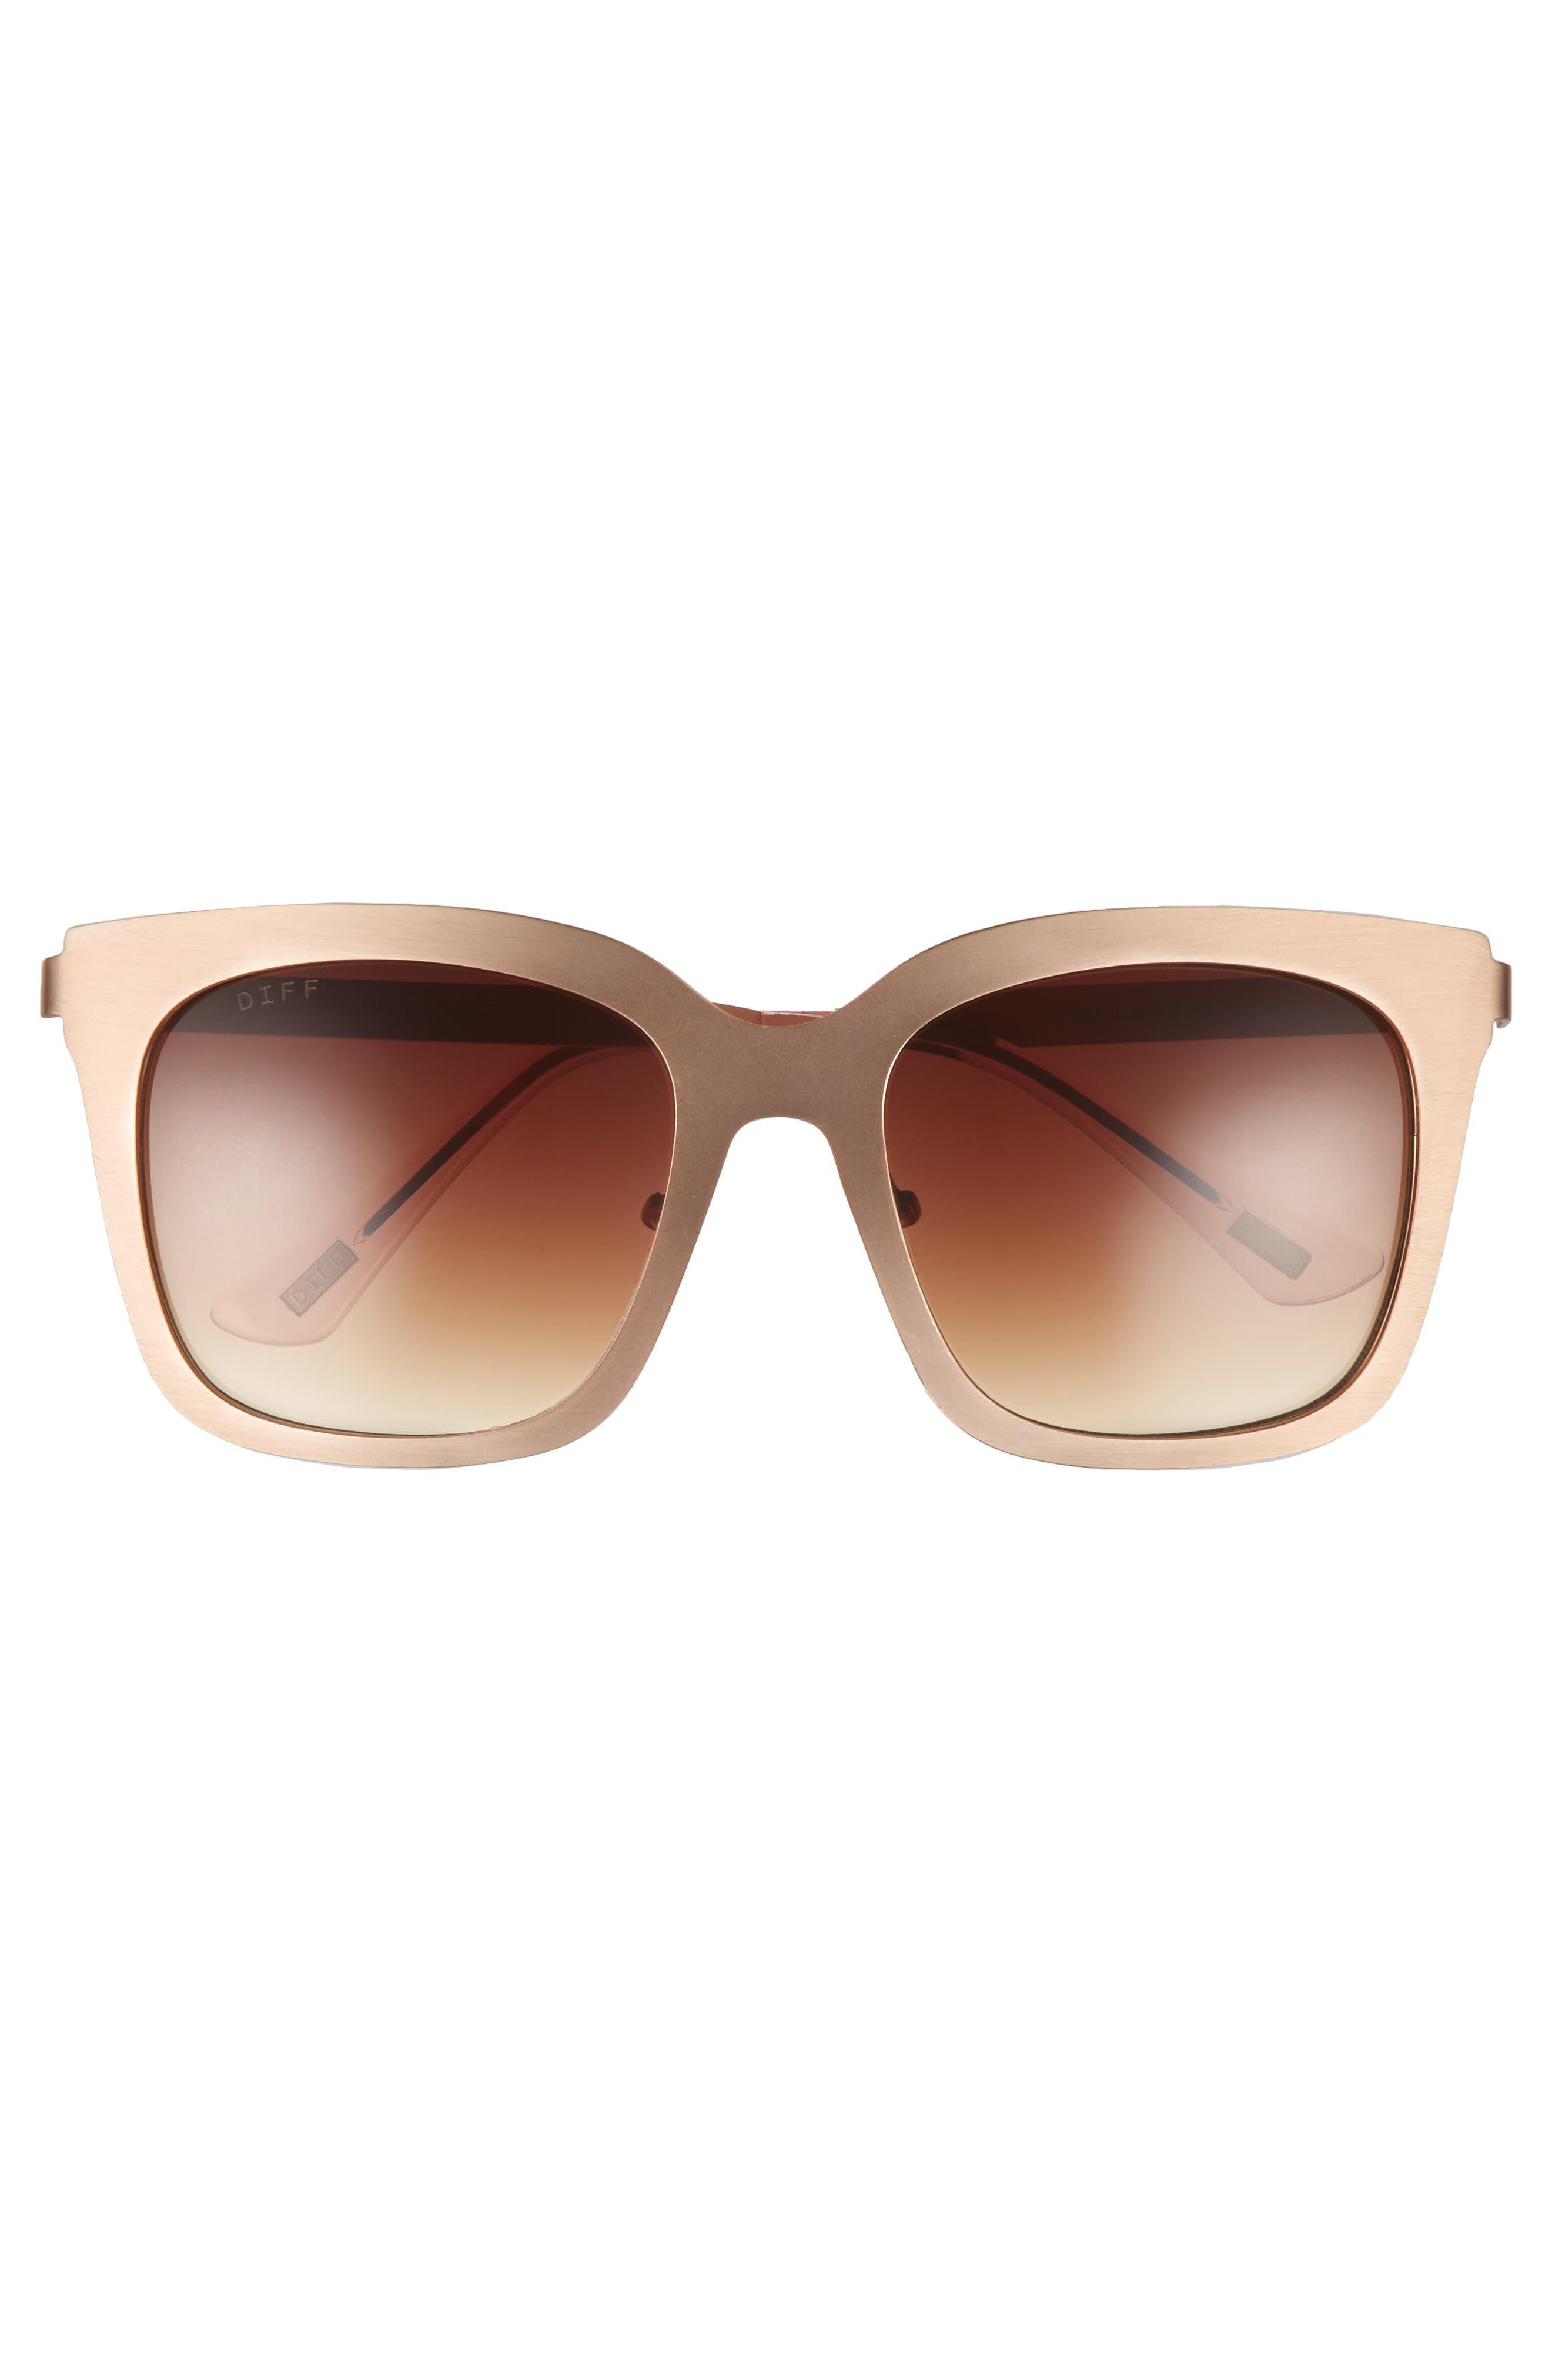 x Lauren Akins Ella 55mm Cat Eye Sunglasses,                             Alternate thumbnail 3, color,                             Gold/ Brown